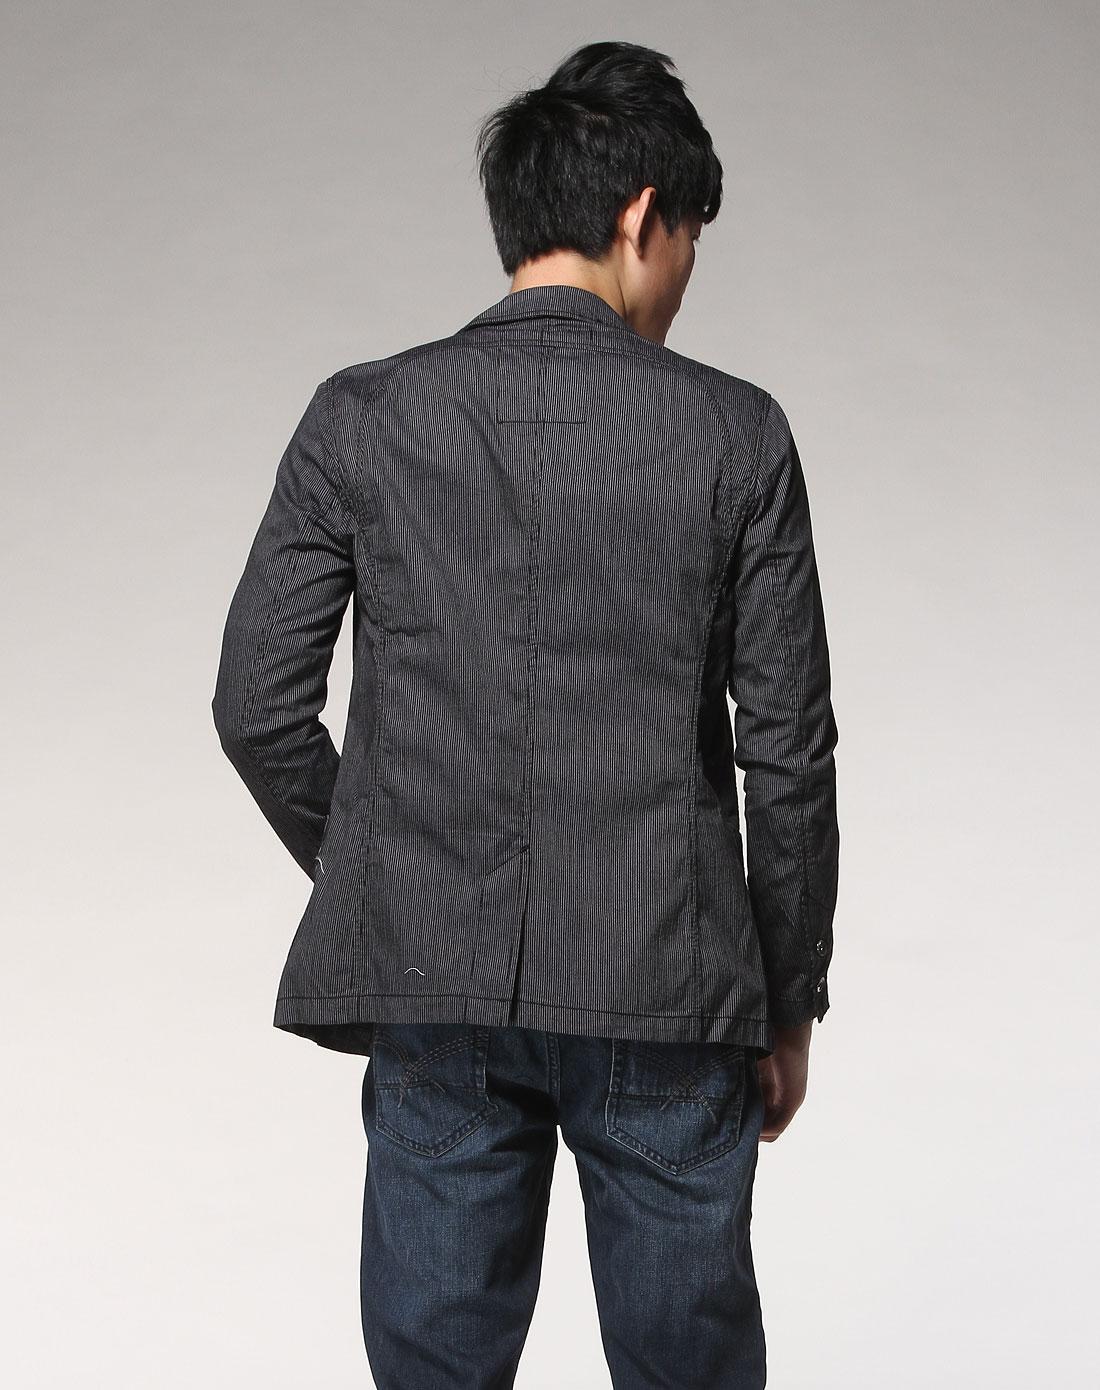 森马男装专场-黑色休闲长袖西装外套图片